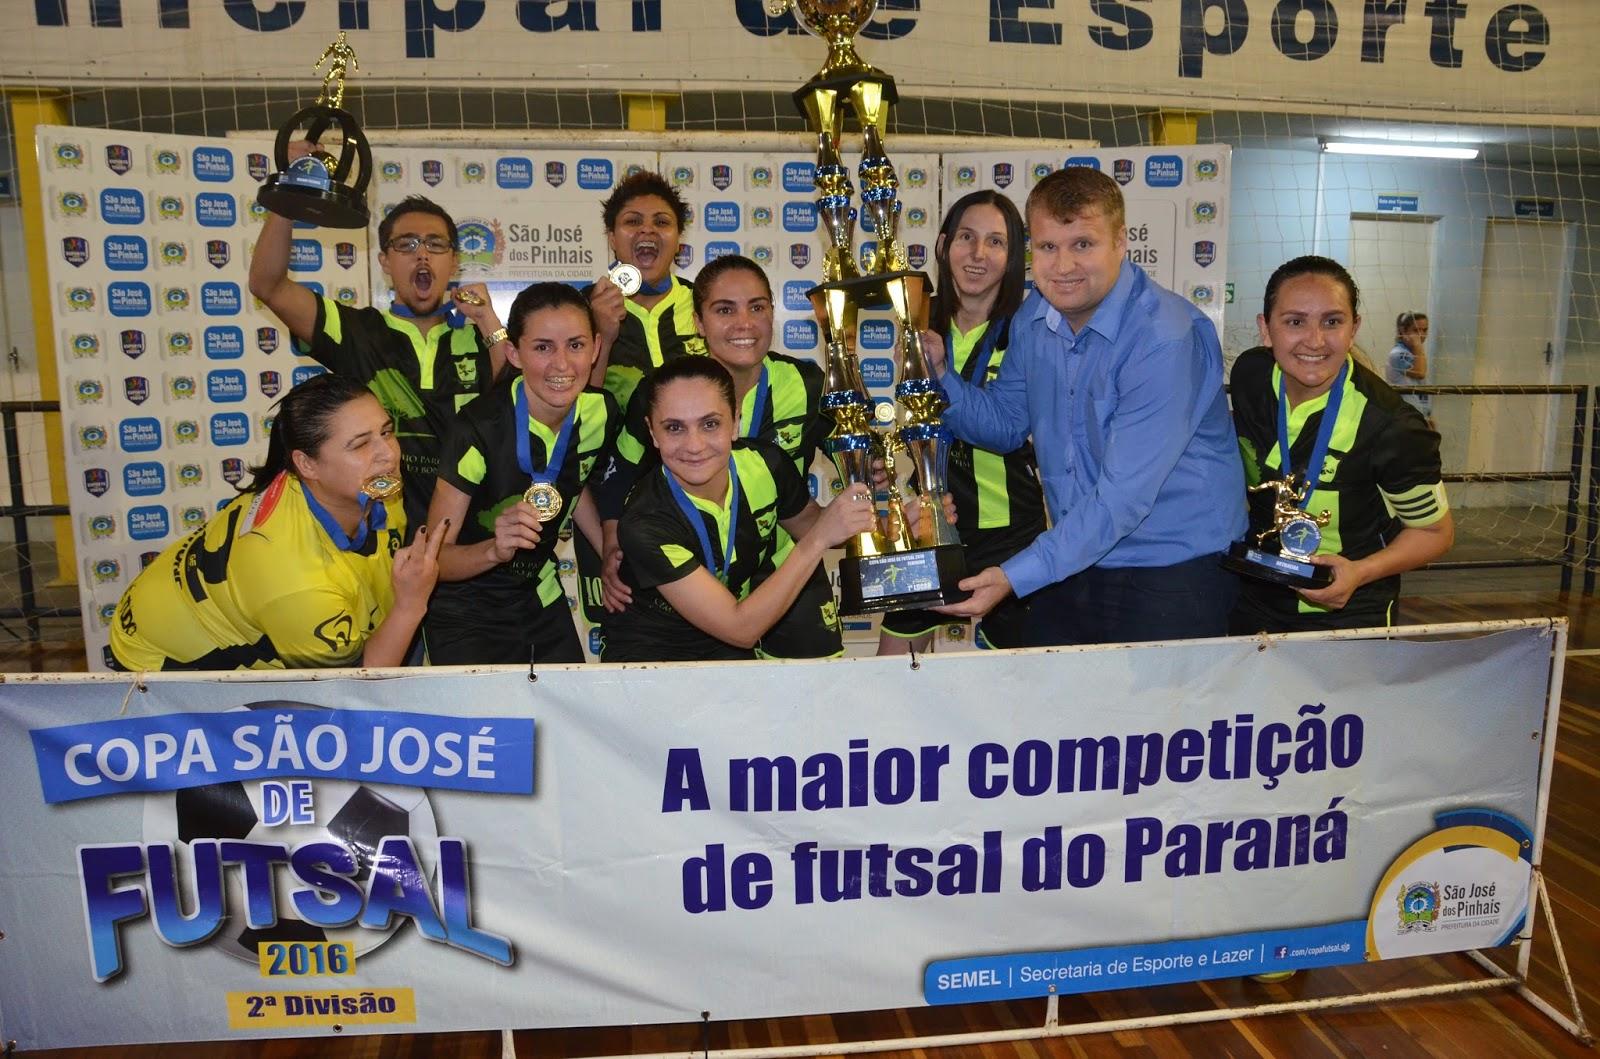 6b376ffd36 Copa São José de Futsal 2016 encerra categorias Aberto Feminino e  Quarentinha com festa no Ginásio Ney Braga